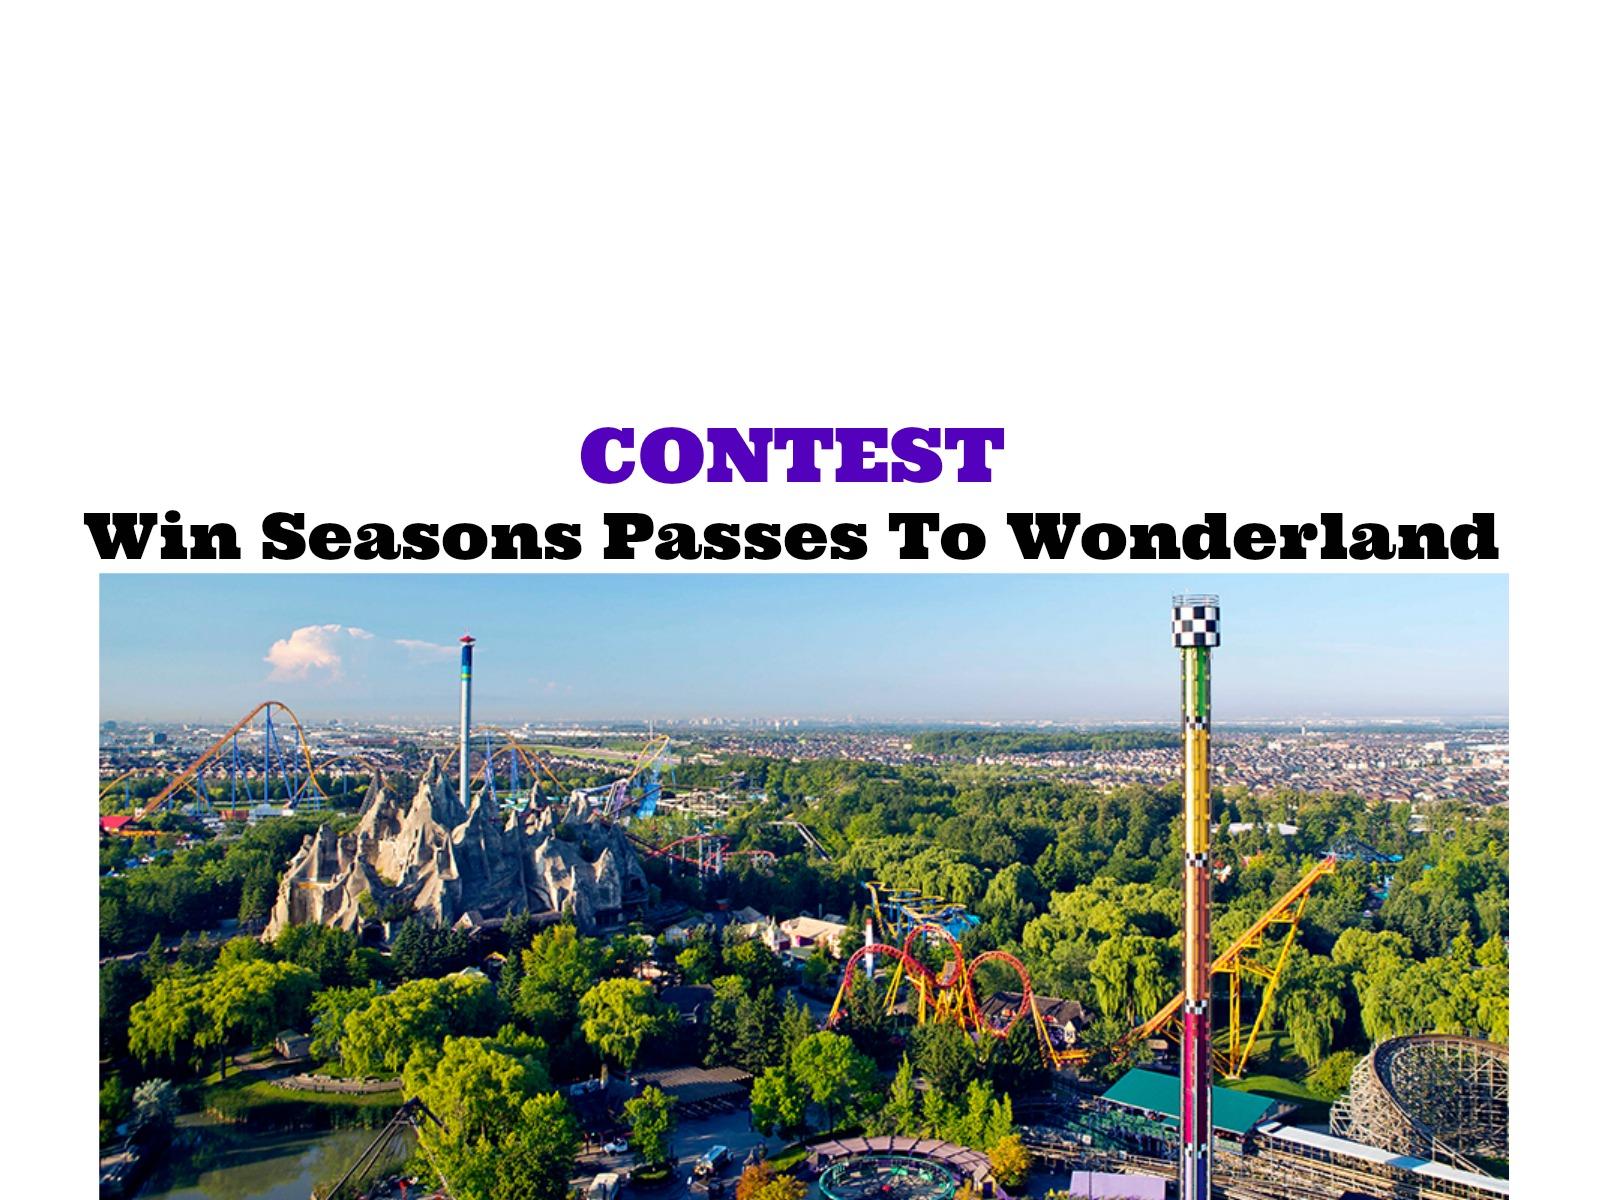 Wonderland Contest